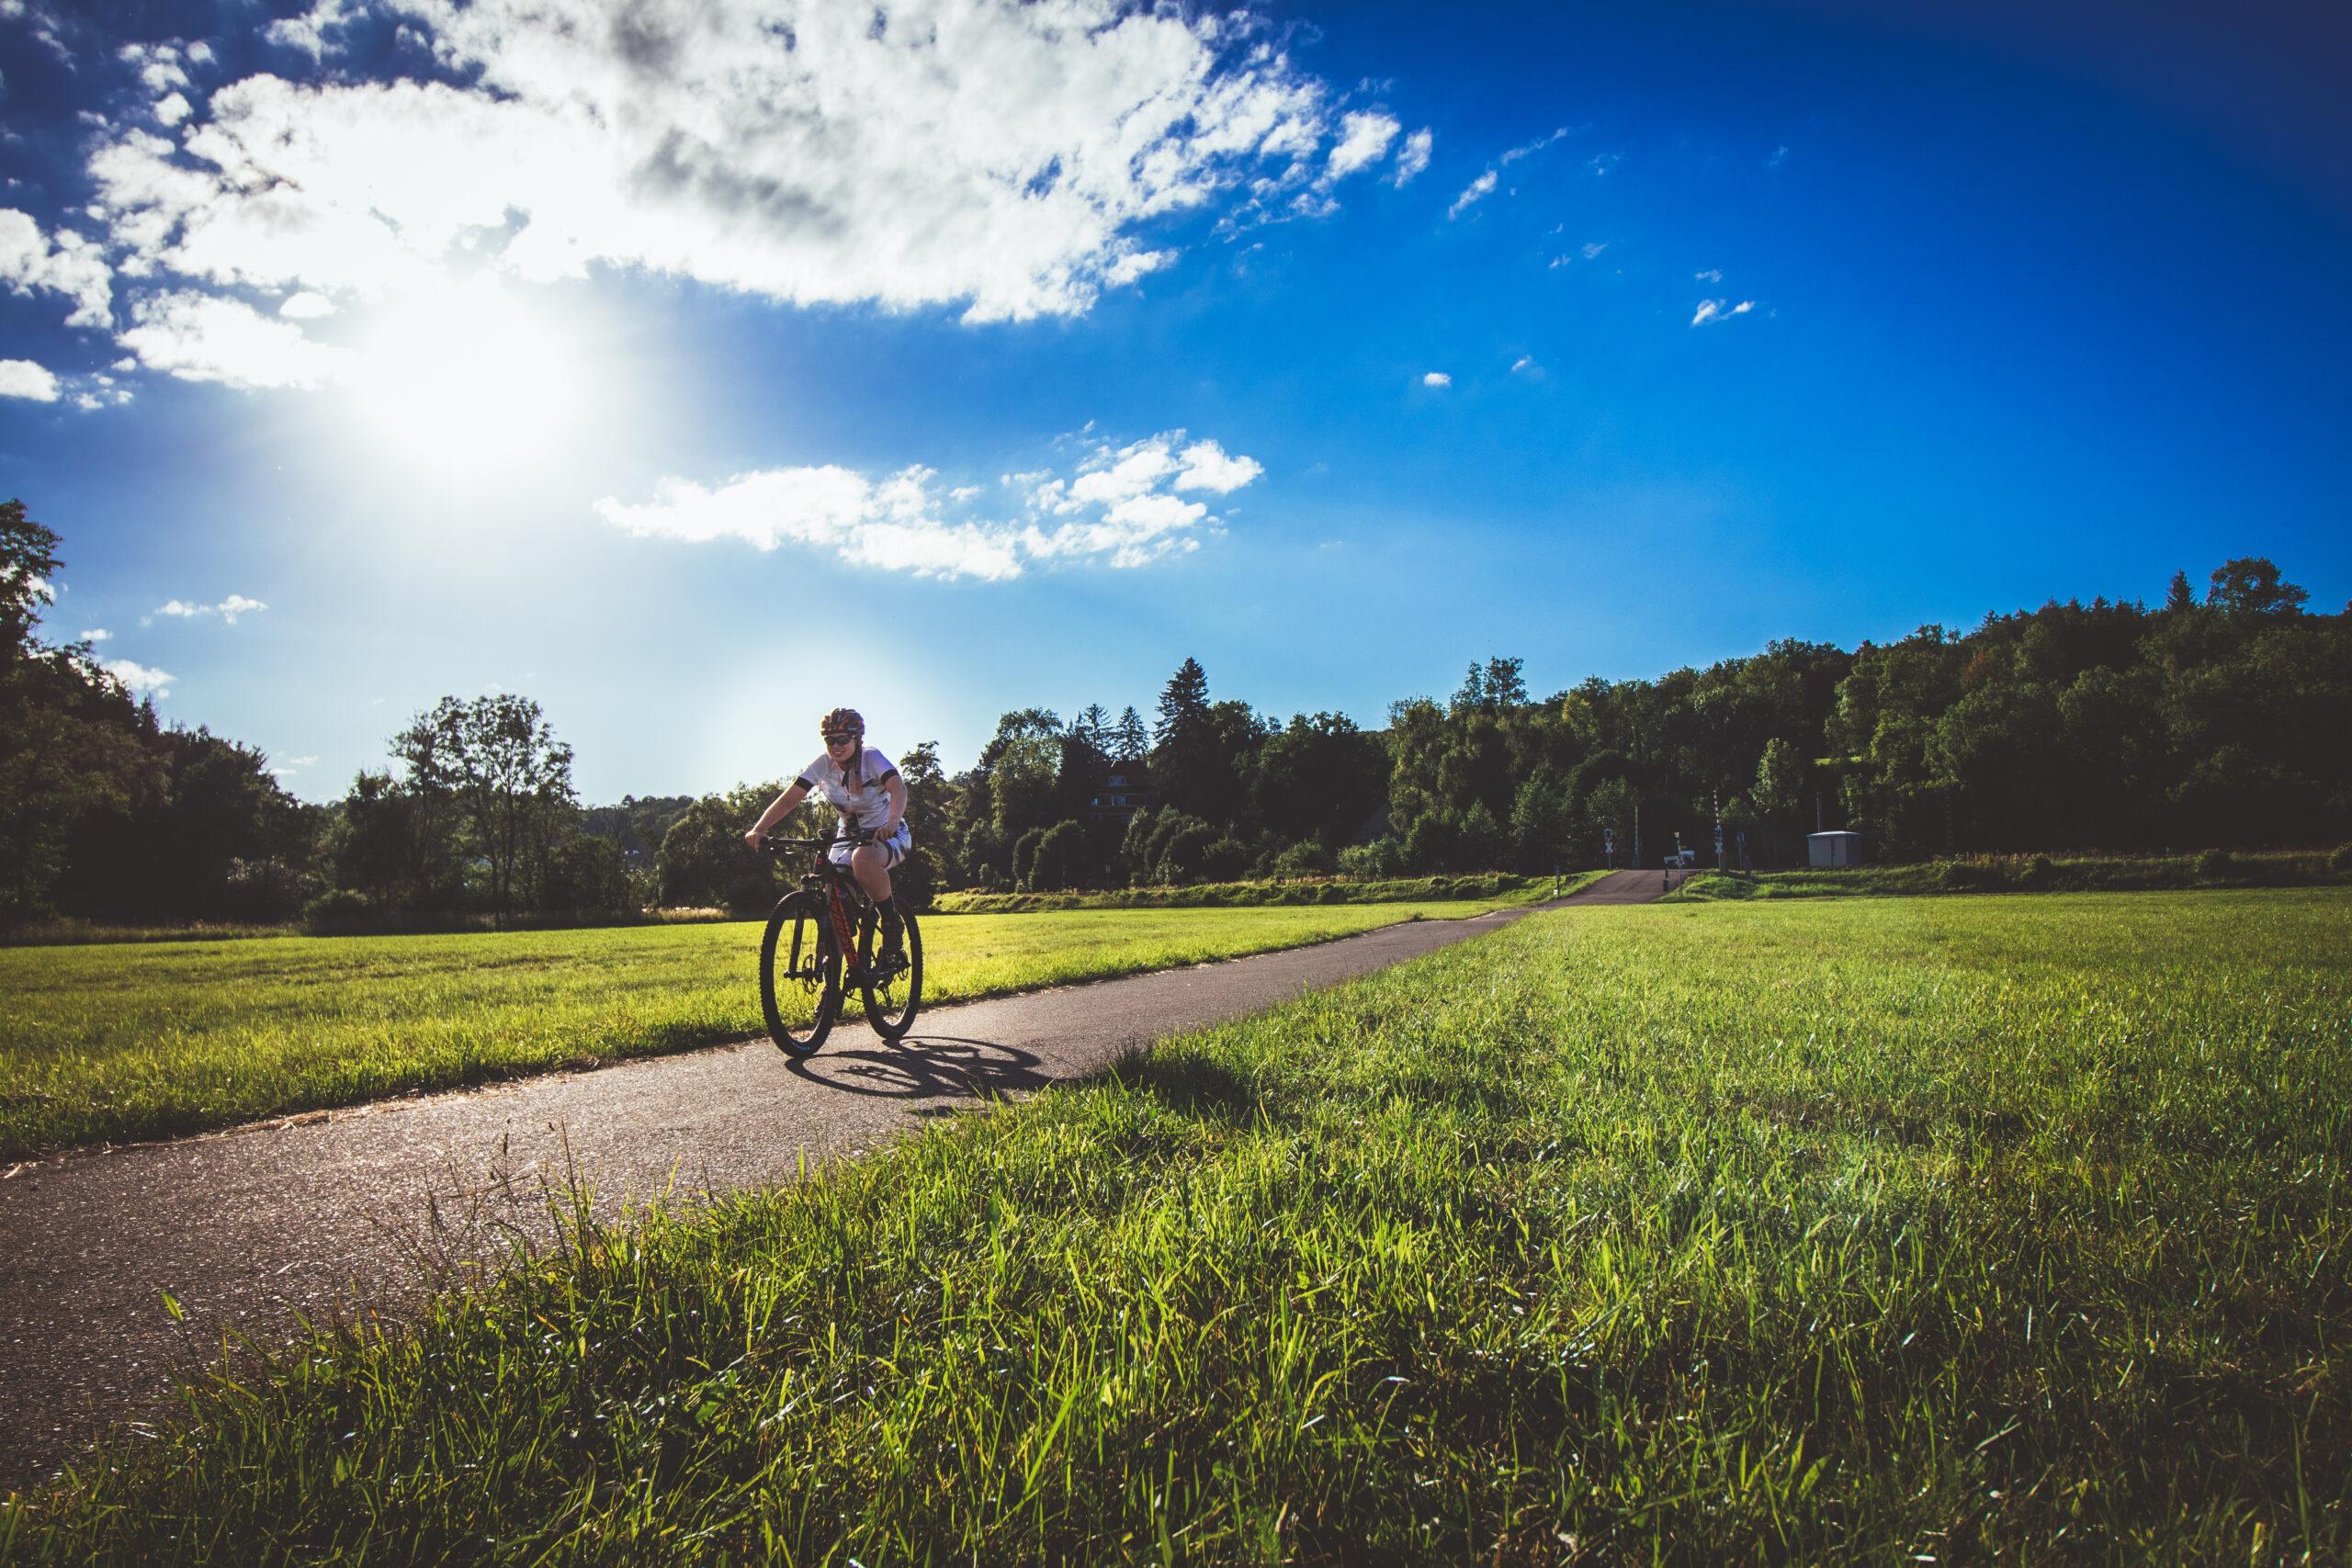 Mehr Ausdauer beim Radfahren - Tipps für Fahrrad Anfänger, die mehr Kondition wollen.